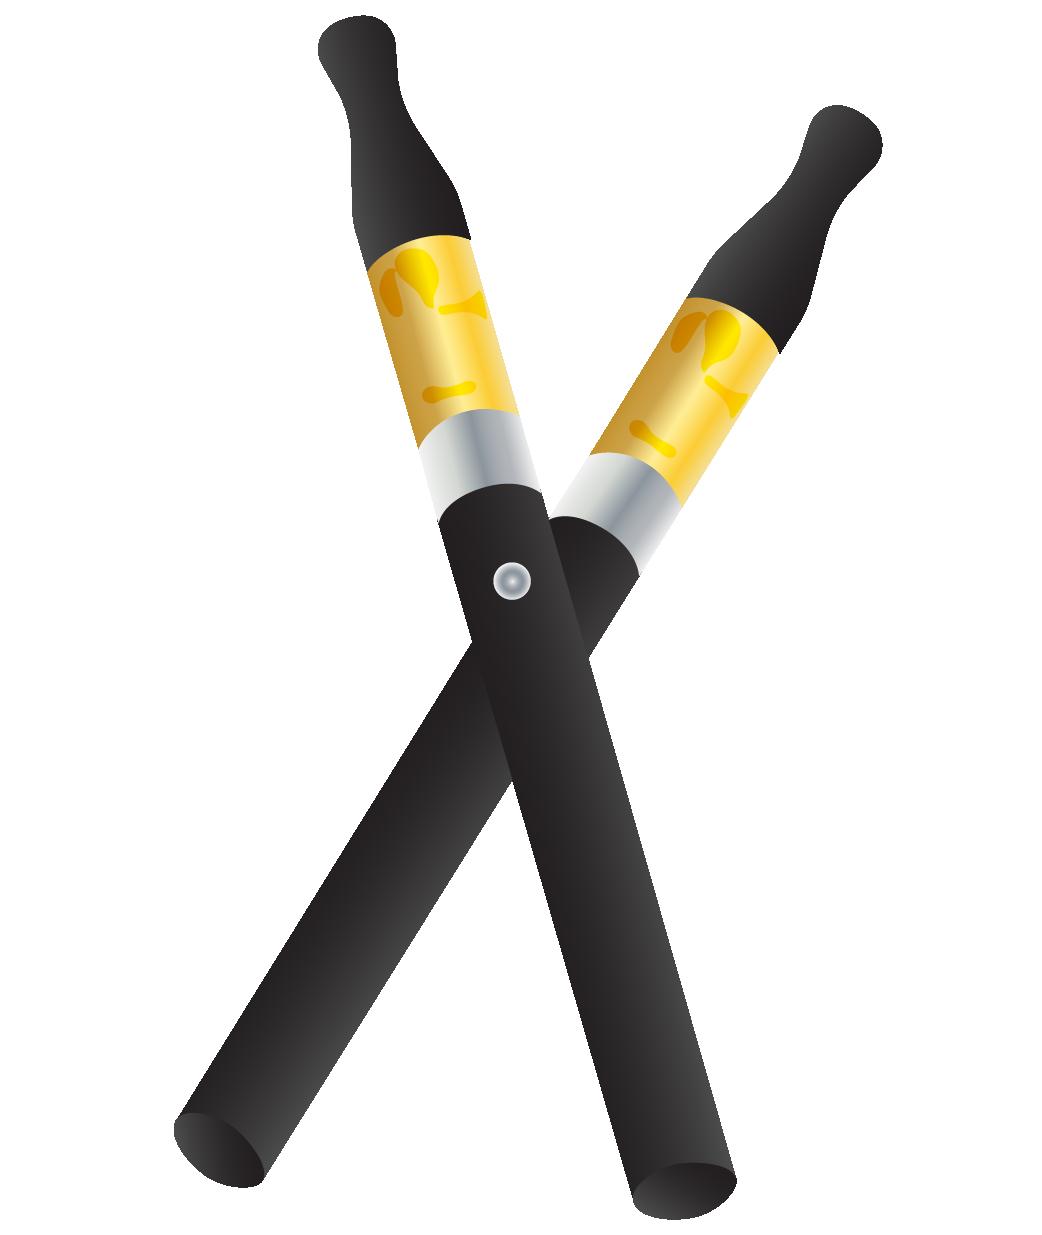 vape pen_isometric-01